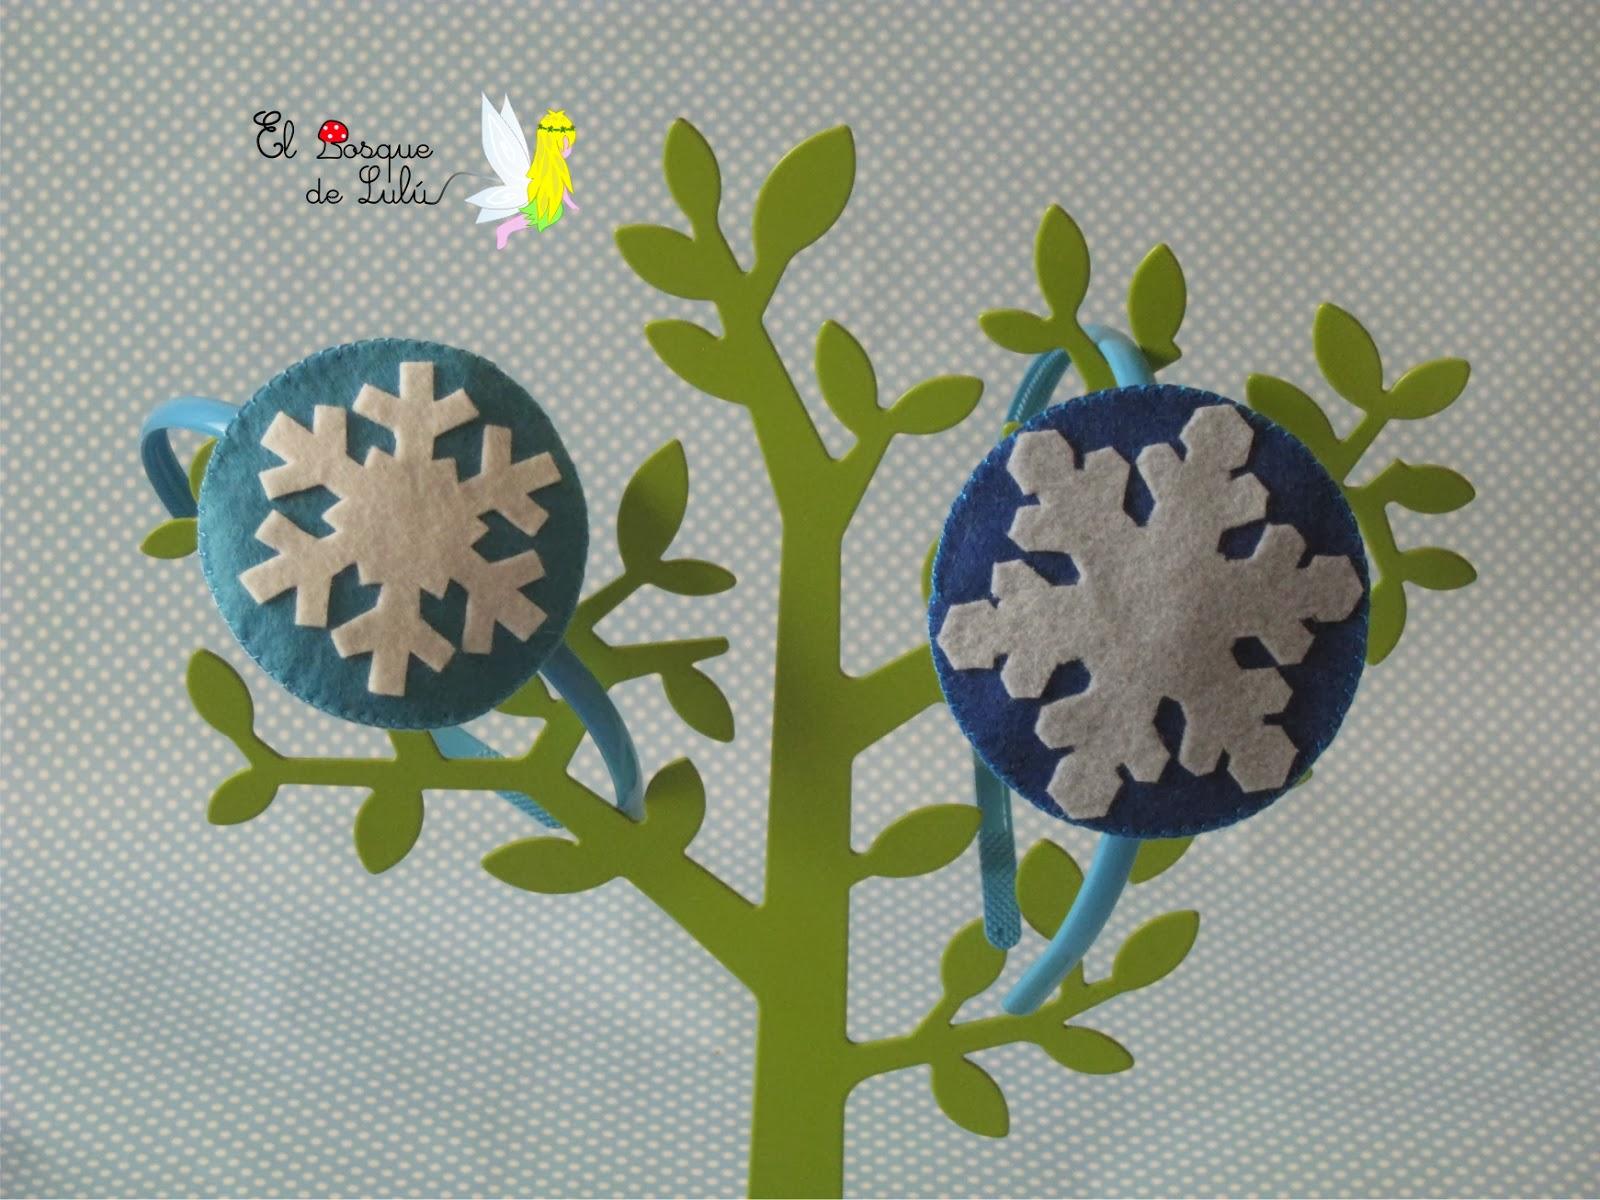 diadema-fieltro-copo-de-nieve-invierno